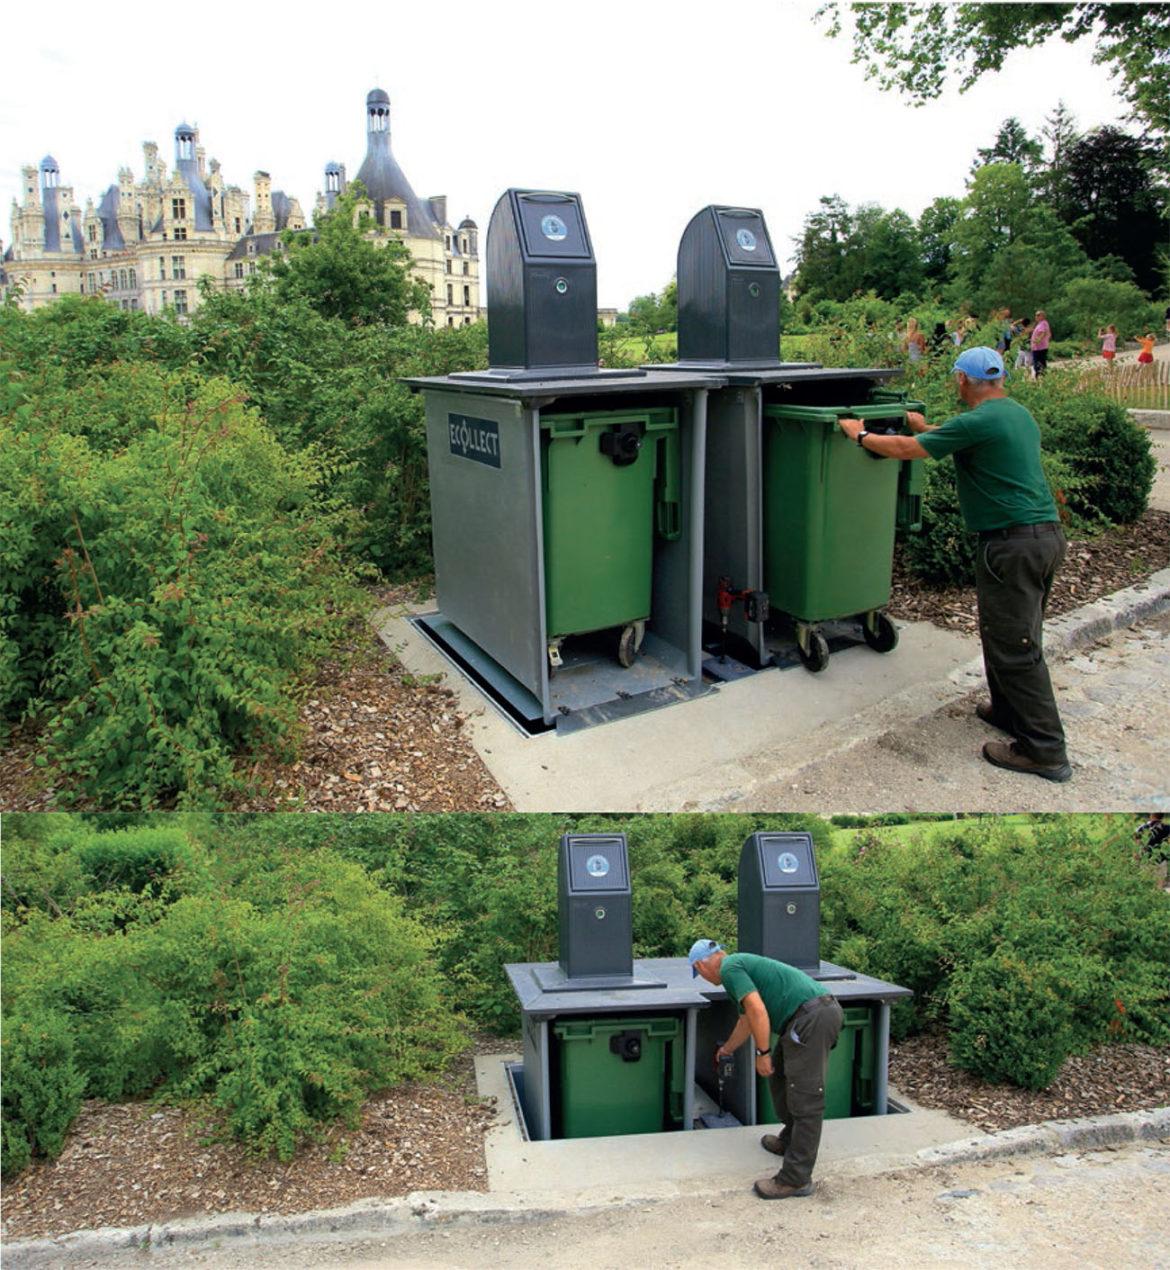 ecobac ecollect 1170x1270 - Mobilier urbain : les poubelles Ecobac 1500 et Ecobac 360